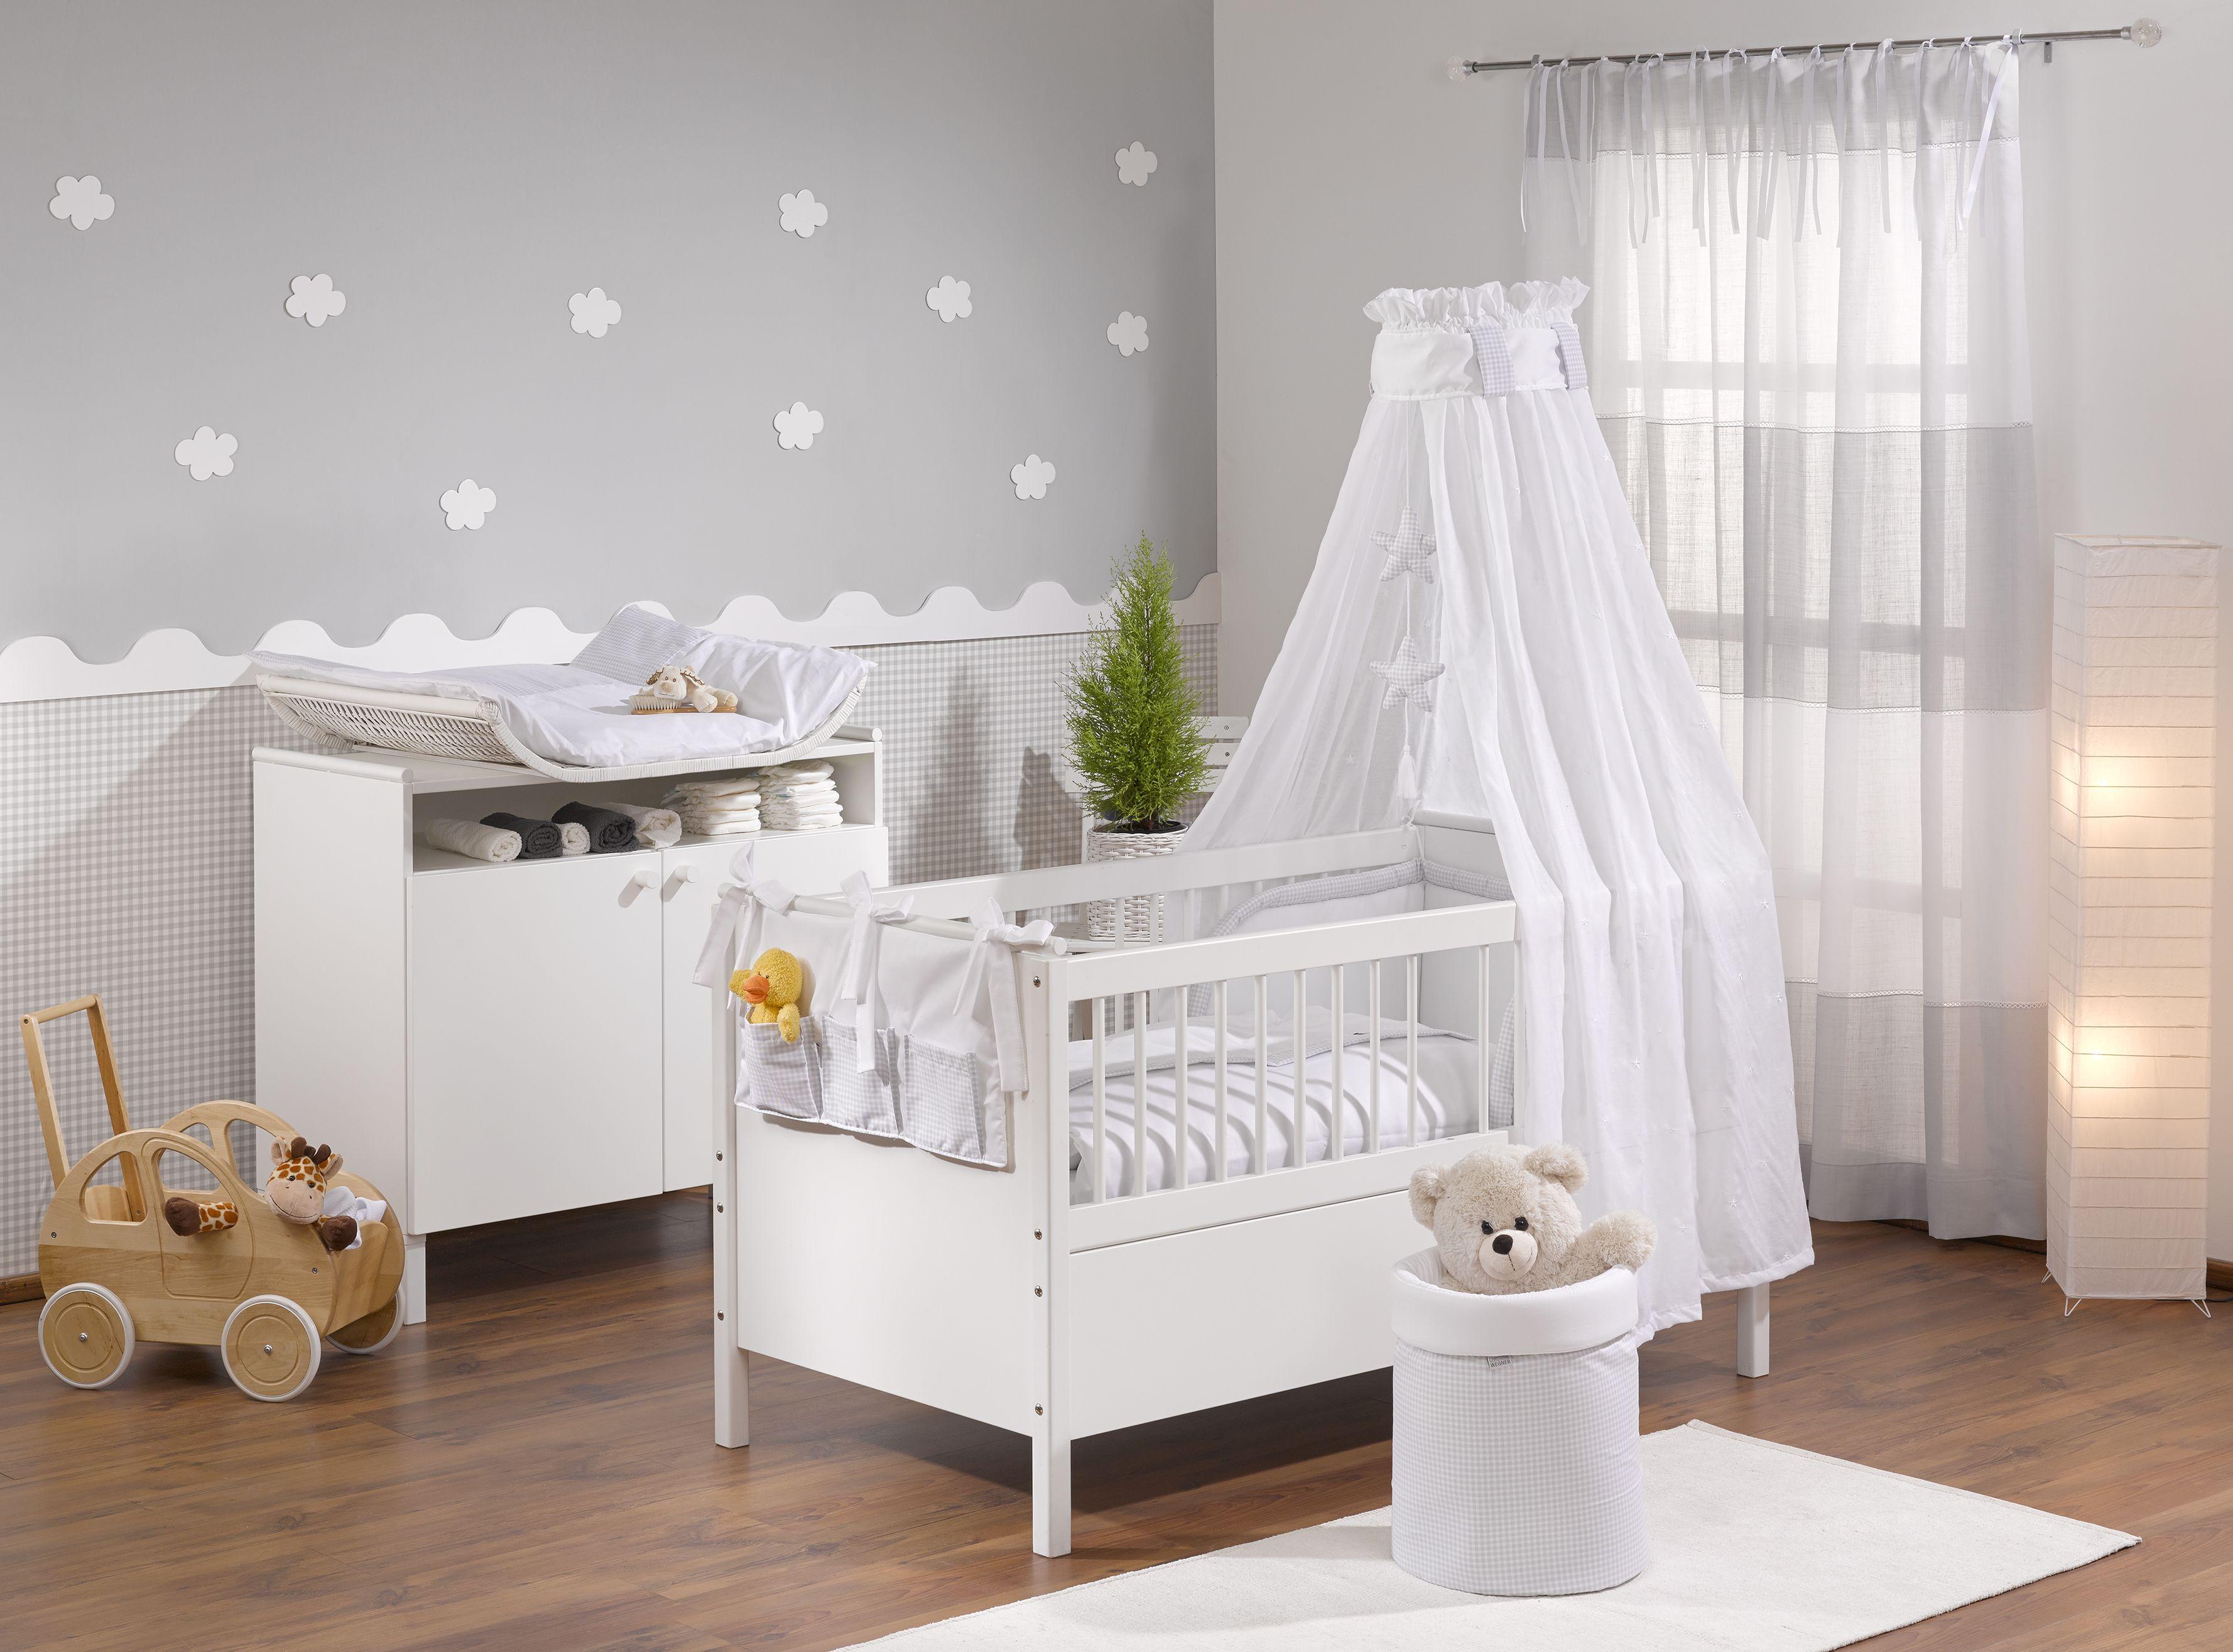 babyzimmer wandgestaltung grau | hyeyeonpark, Schlafzimmer design